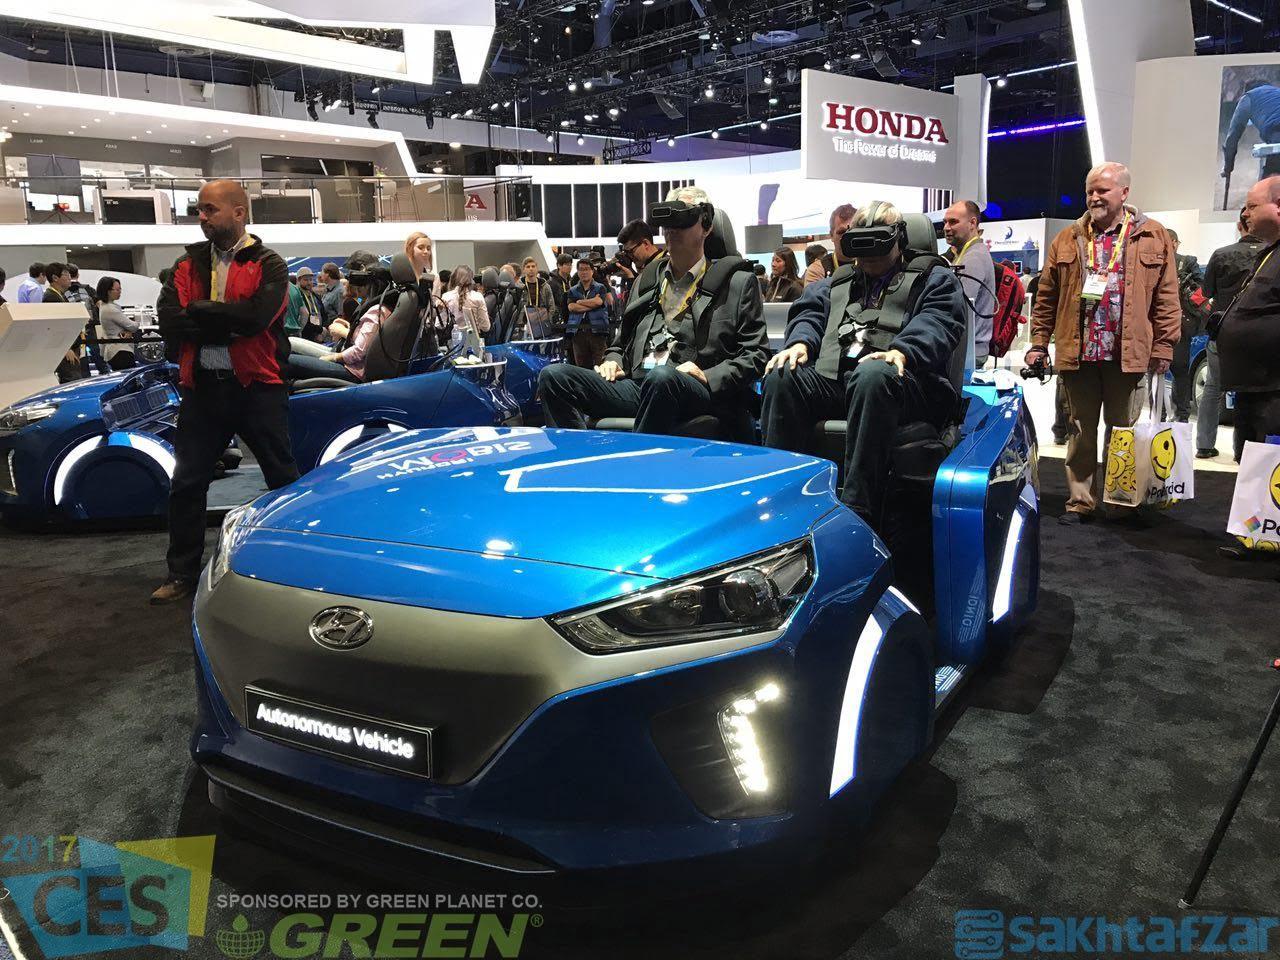 پوشش تصویری غرفه خودروسازان در CES 2017